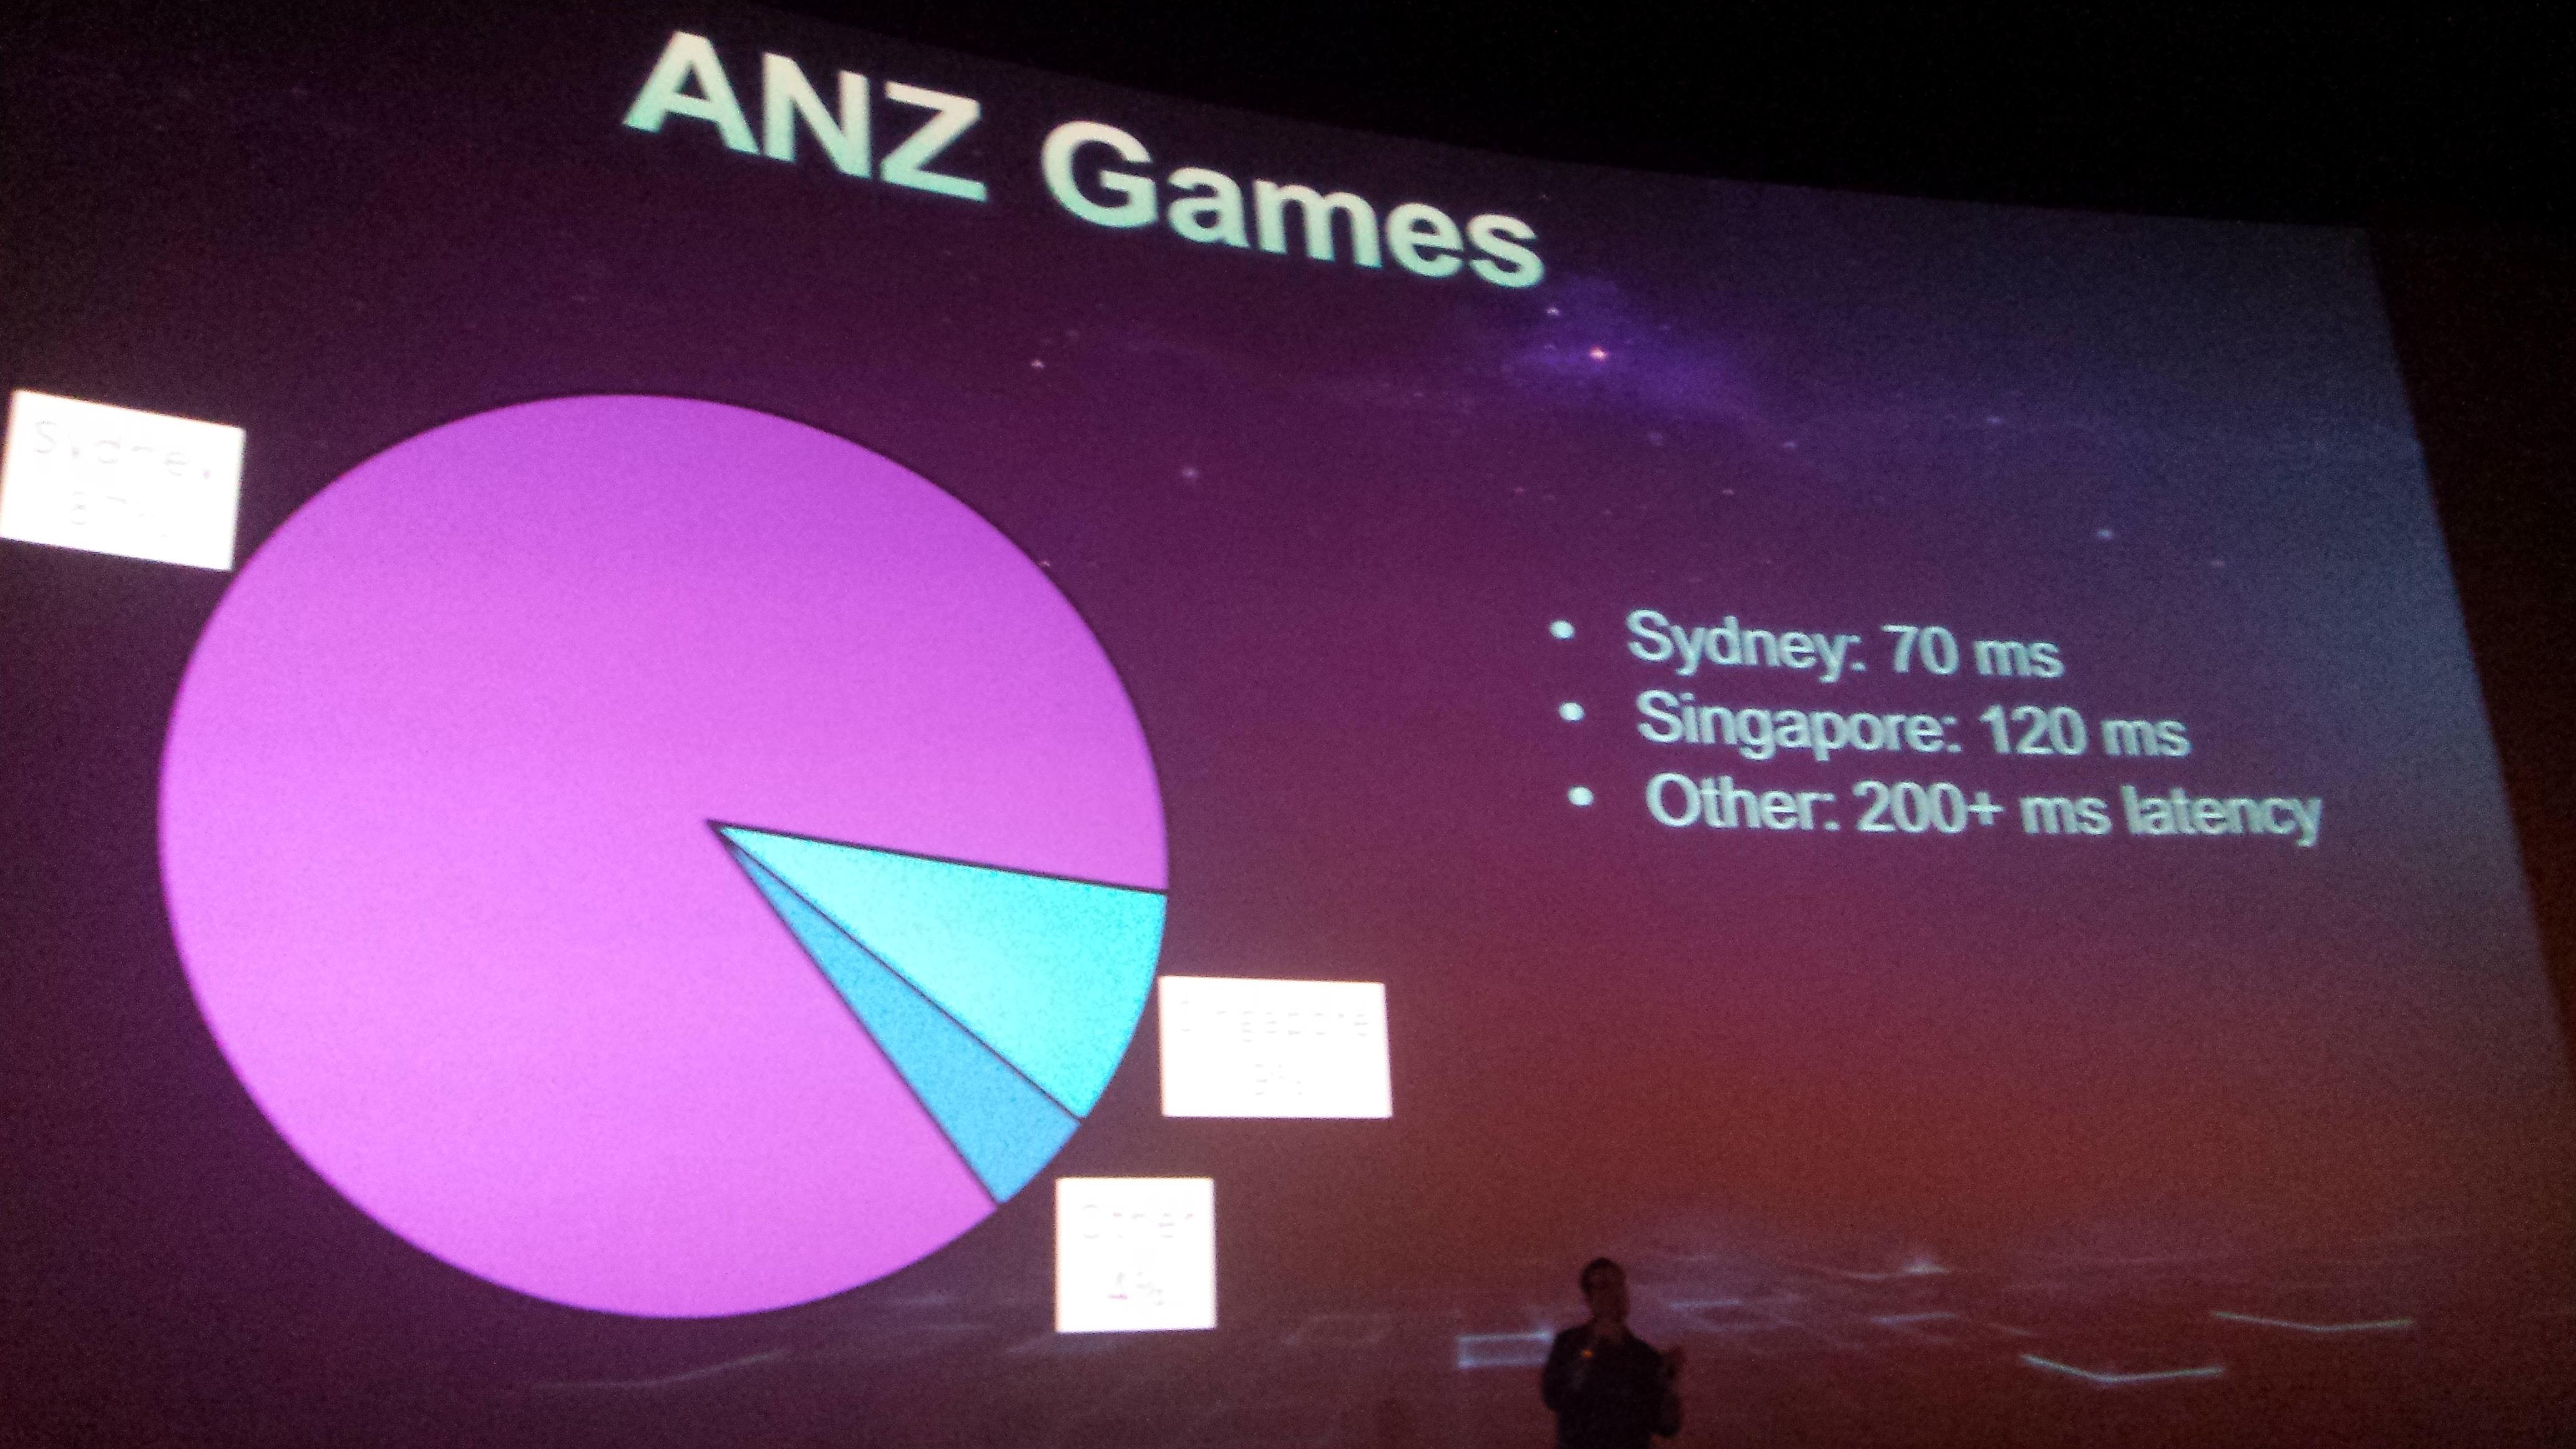 ANZ Games